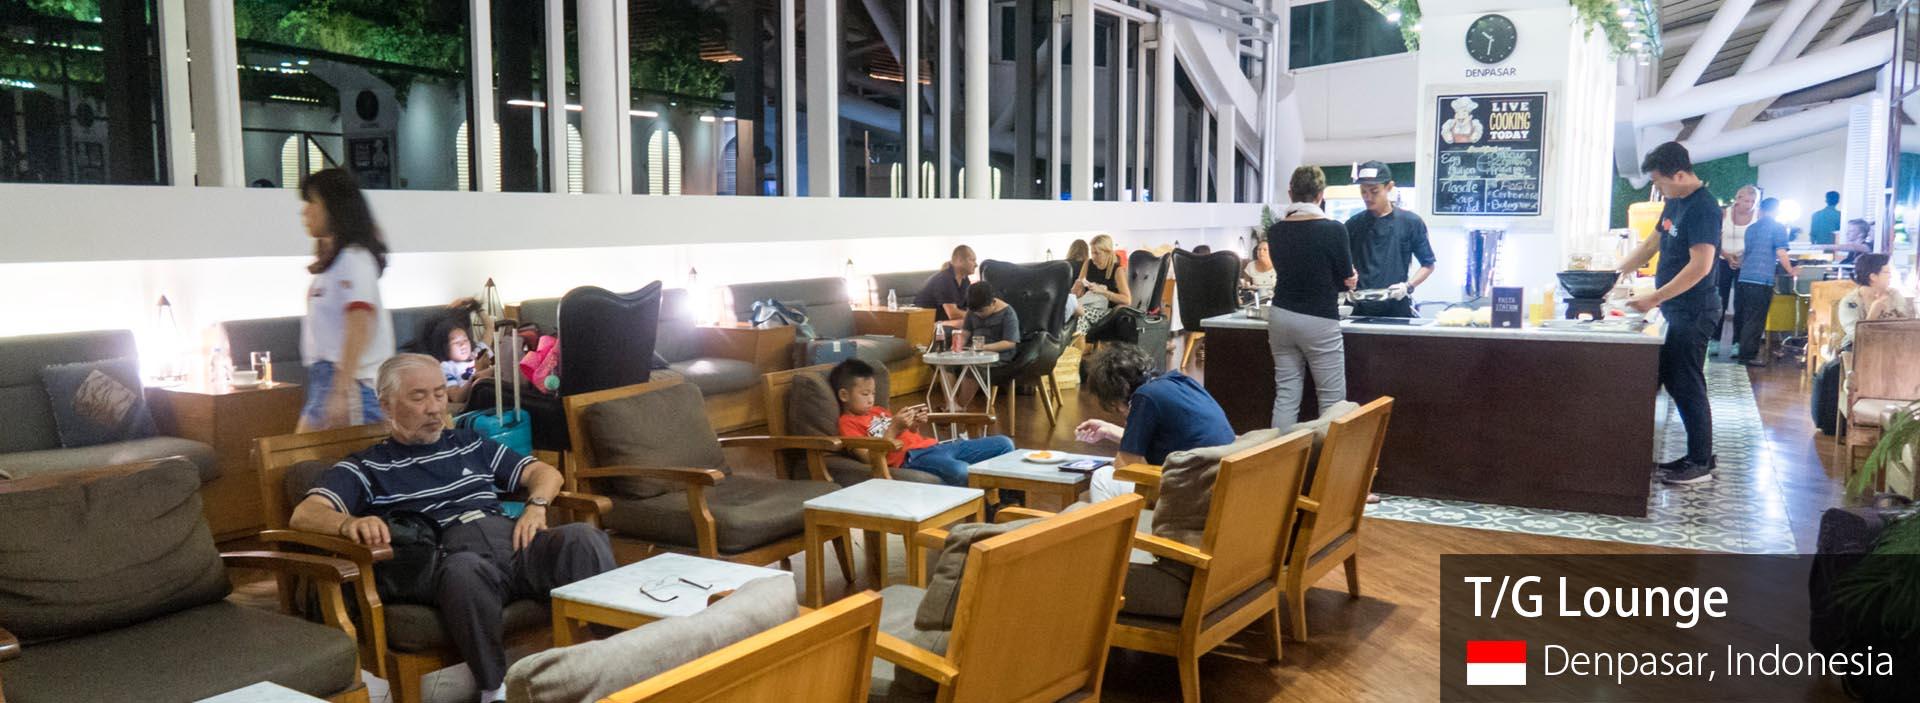 Review: T/G Lounge at Denpasar Bali Airport